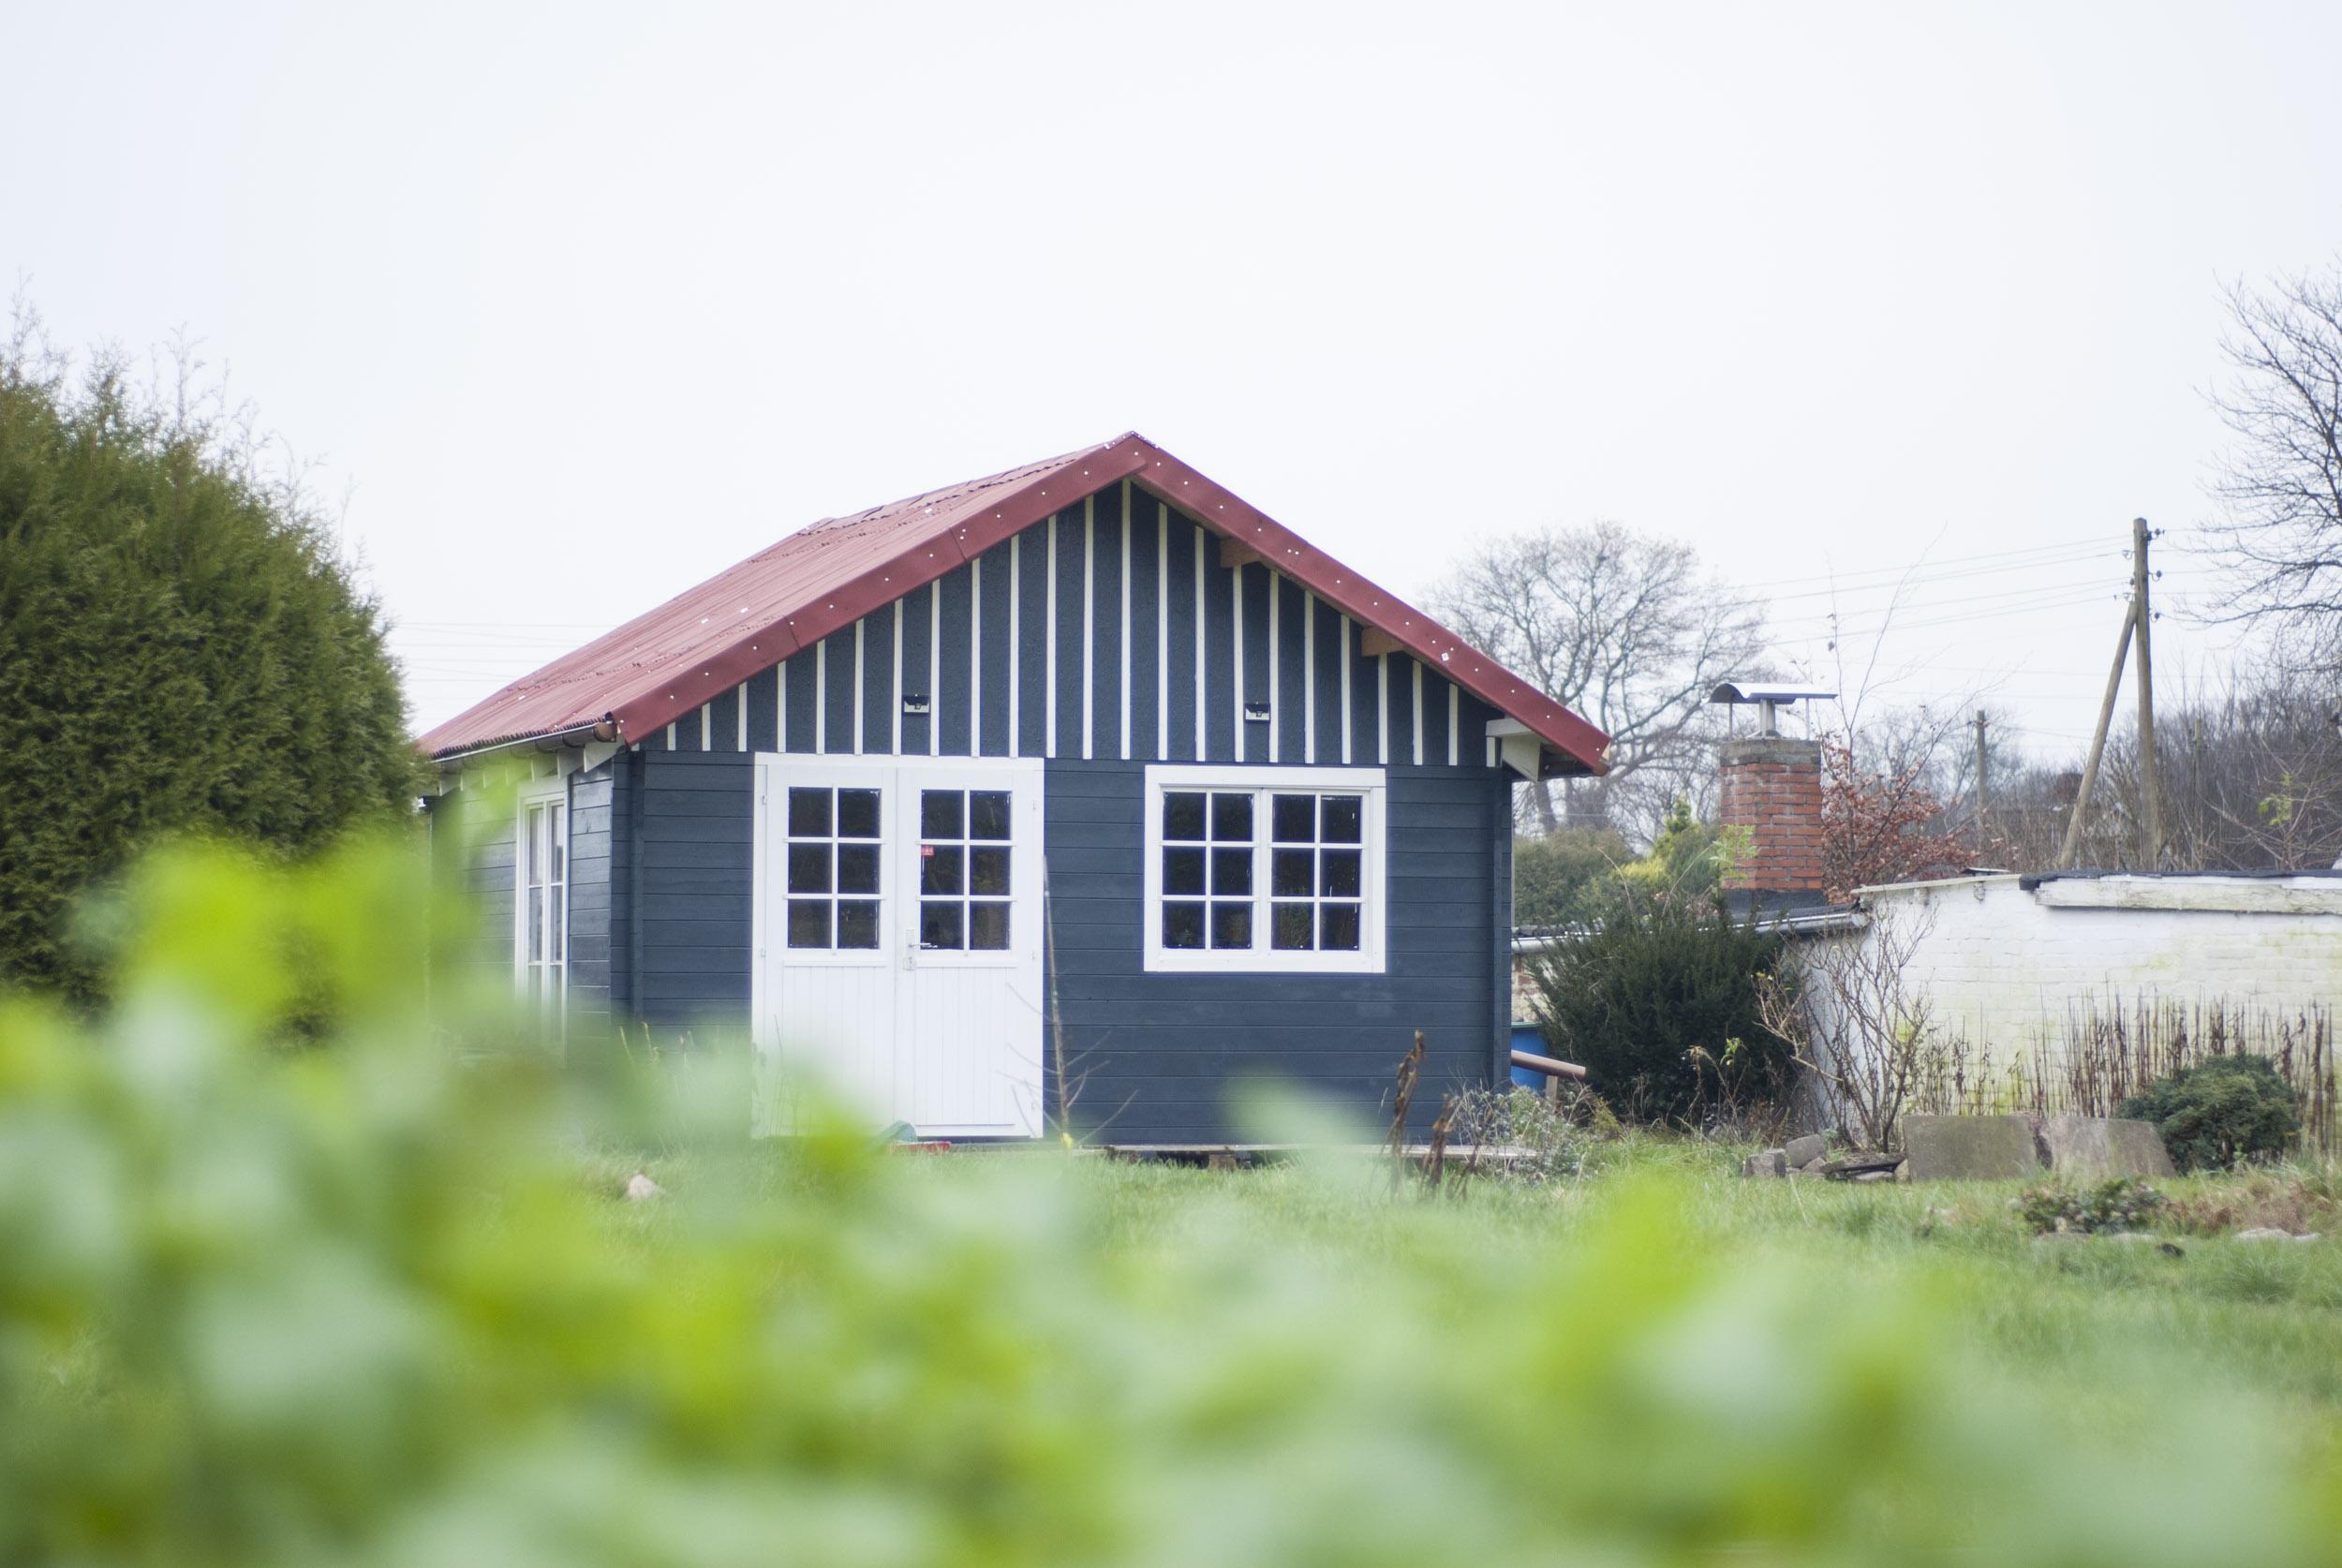 Blick auf eine Anthrazit-farbene Gartenhütte mit rotem Dach und weißen Giebellatten.